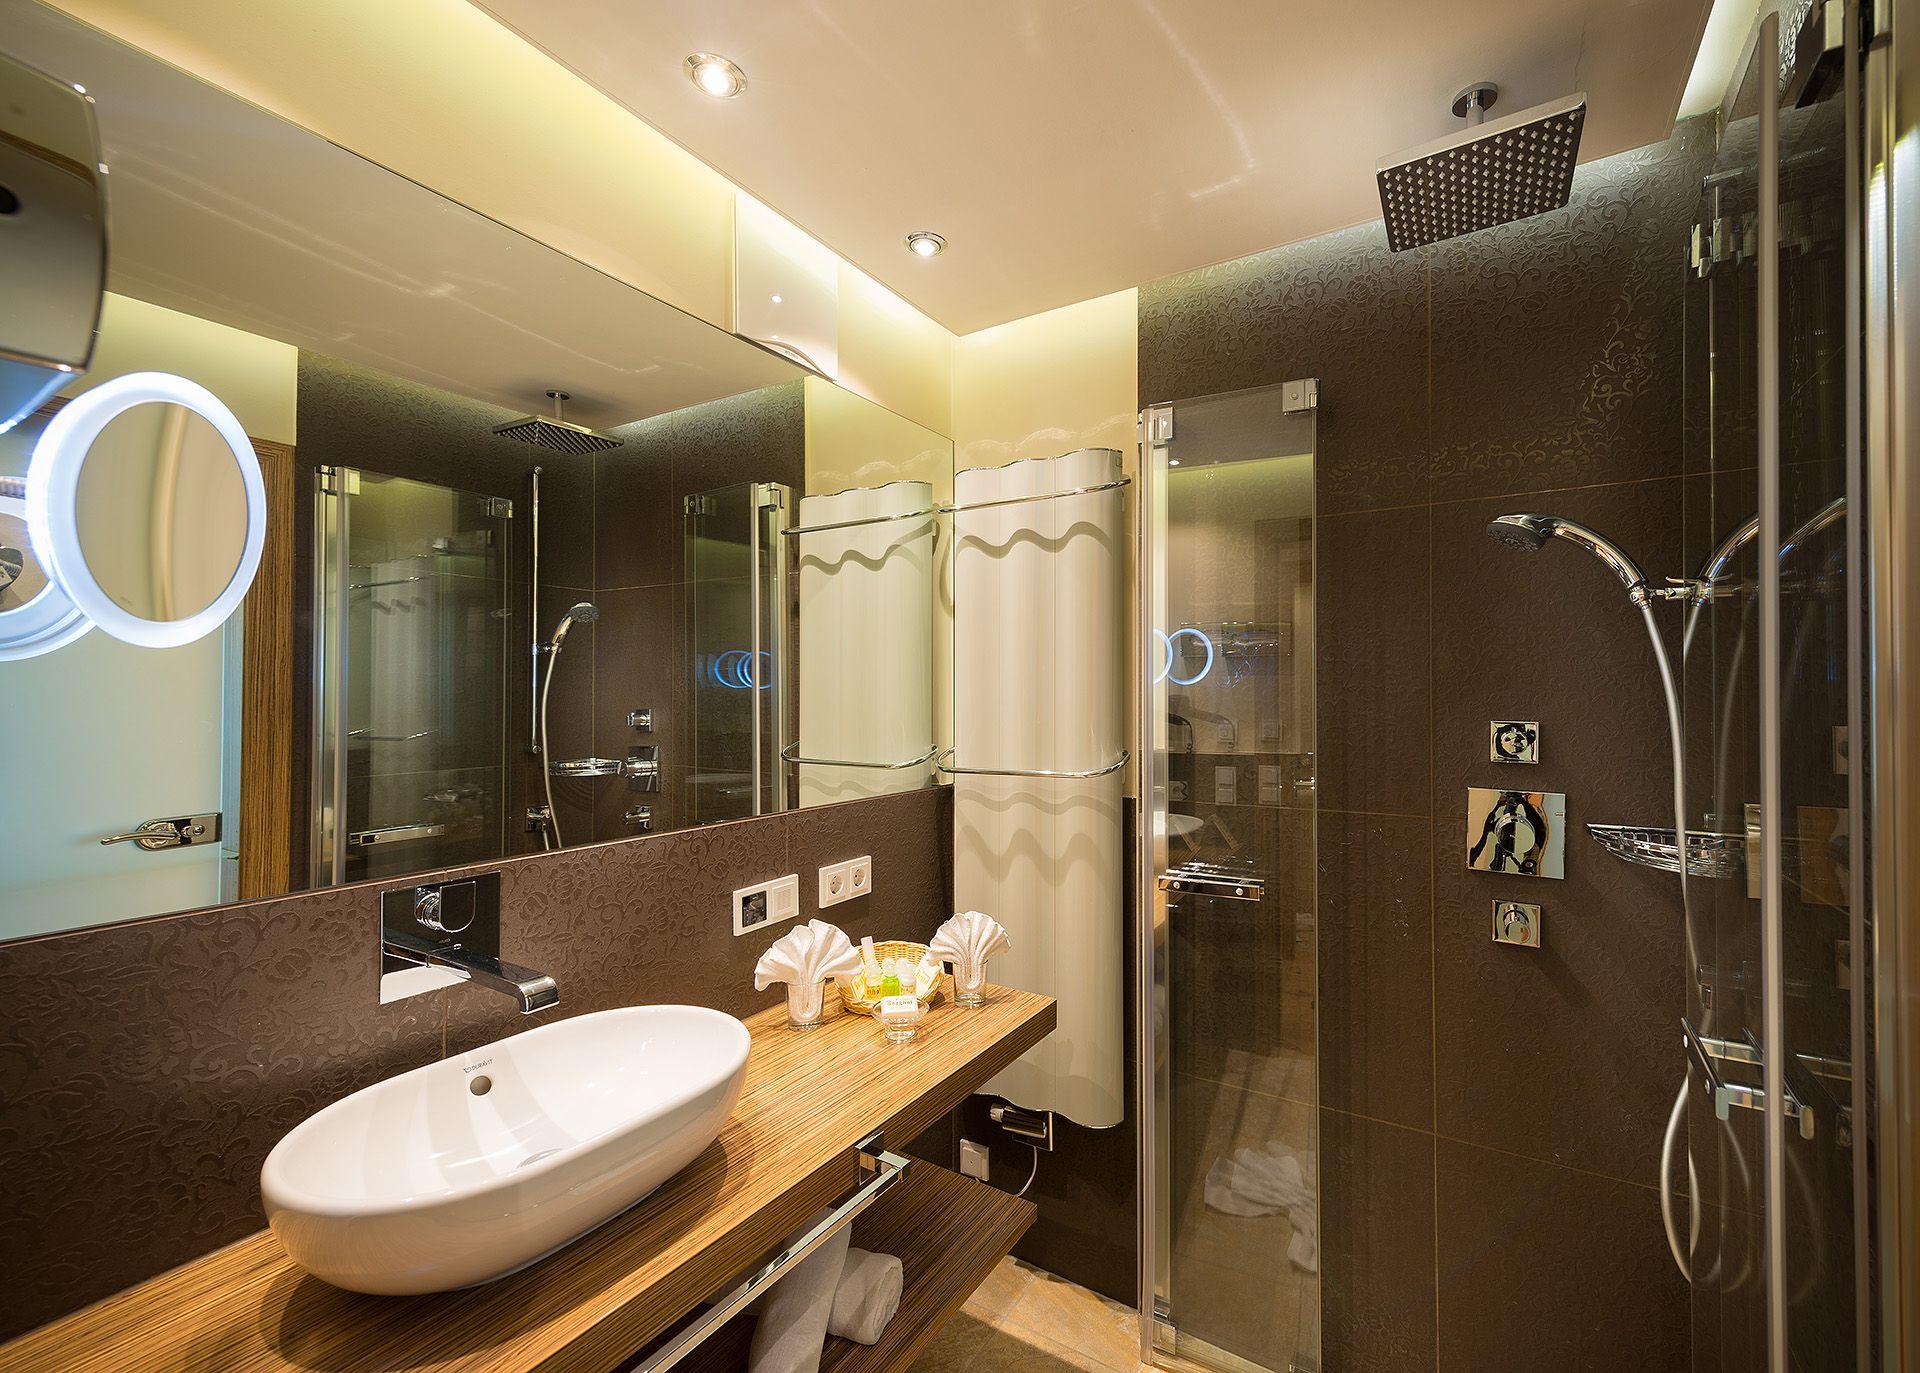 Badezimmer Hotel ~ Neue junior suiten badezimmer verwöhnhotel berghof 4 sterne